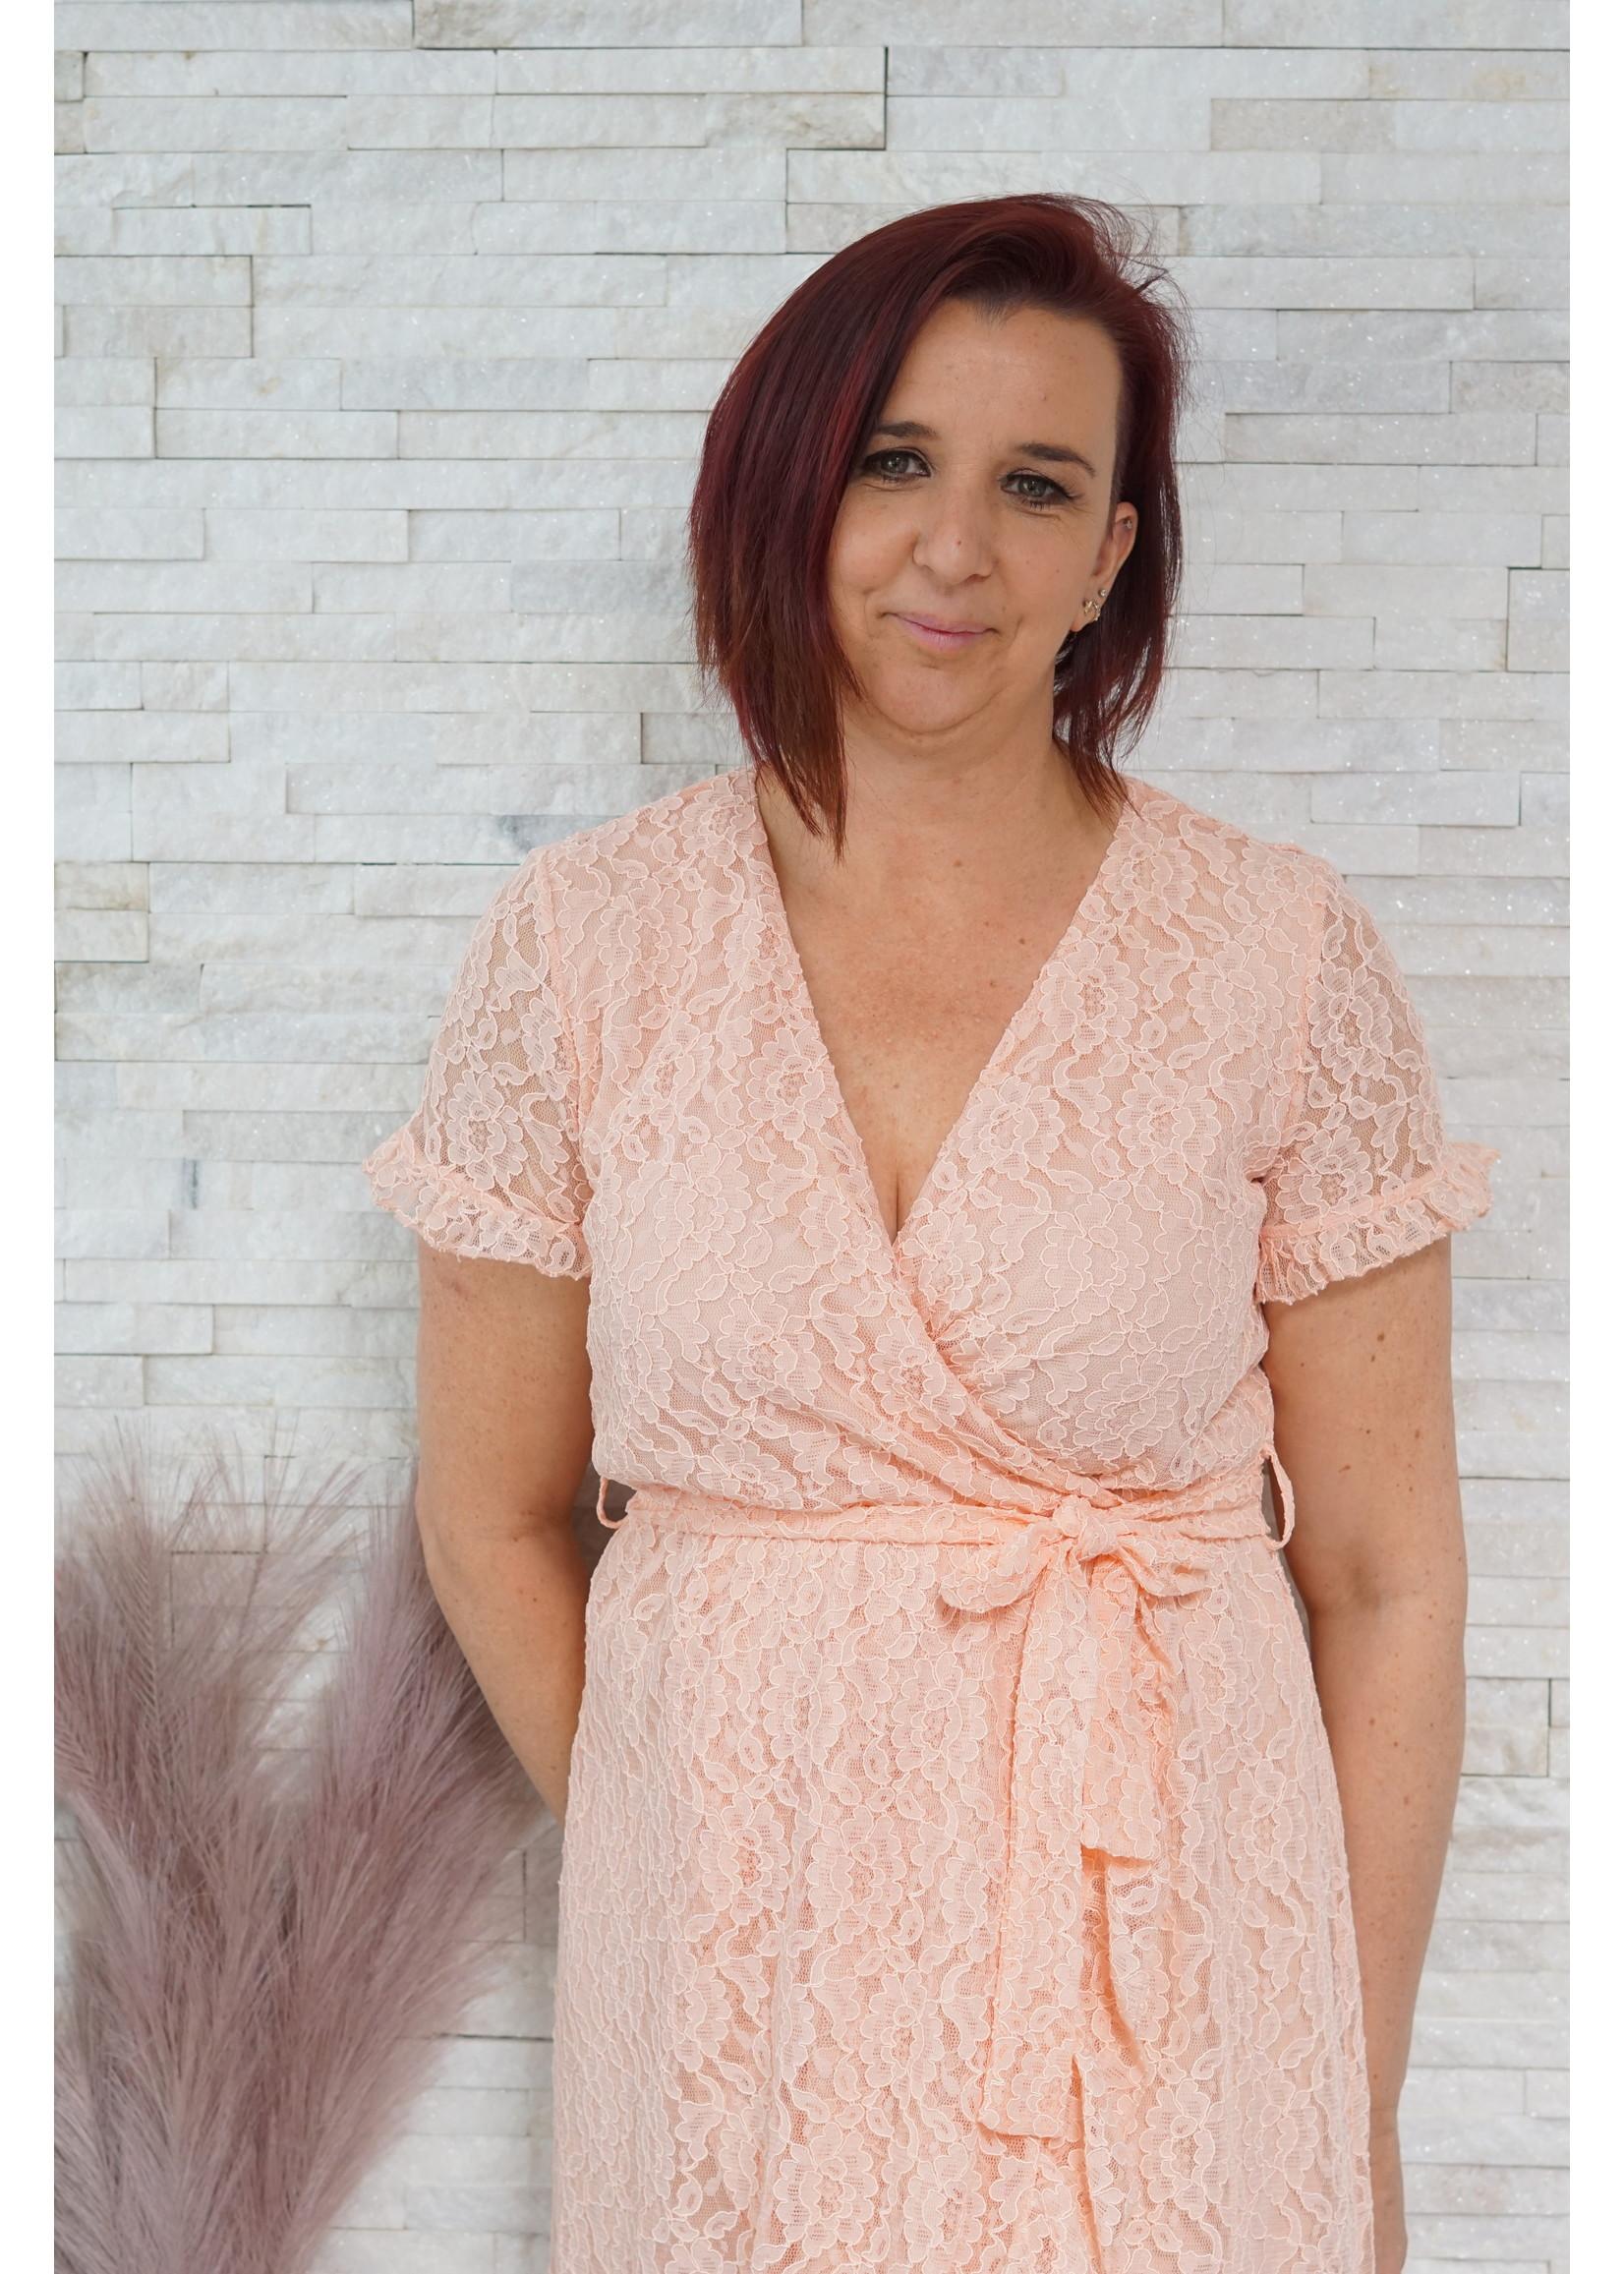 yentlK.byyentl yentlk pink lace